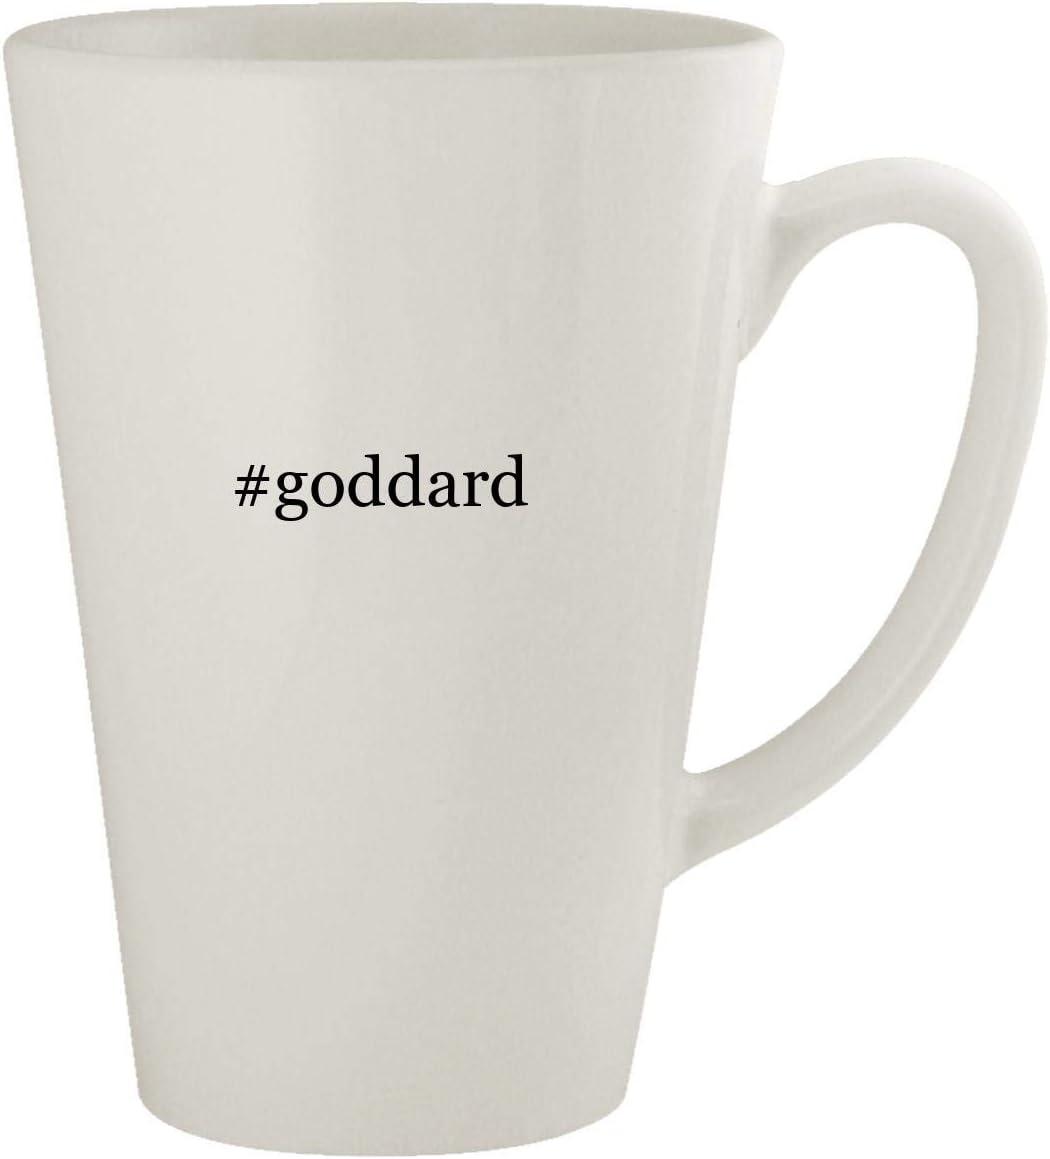 #goddard - Ceramic 17oz Latte Coffee Mug 51jg86y2M2BL